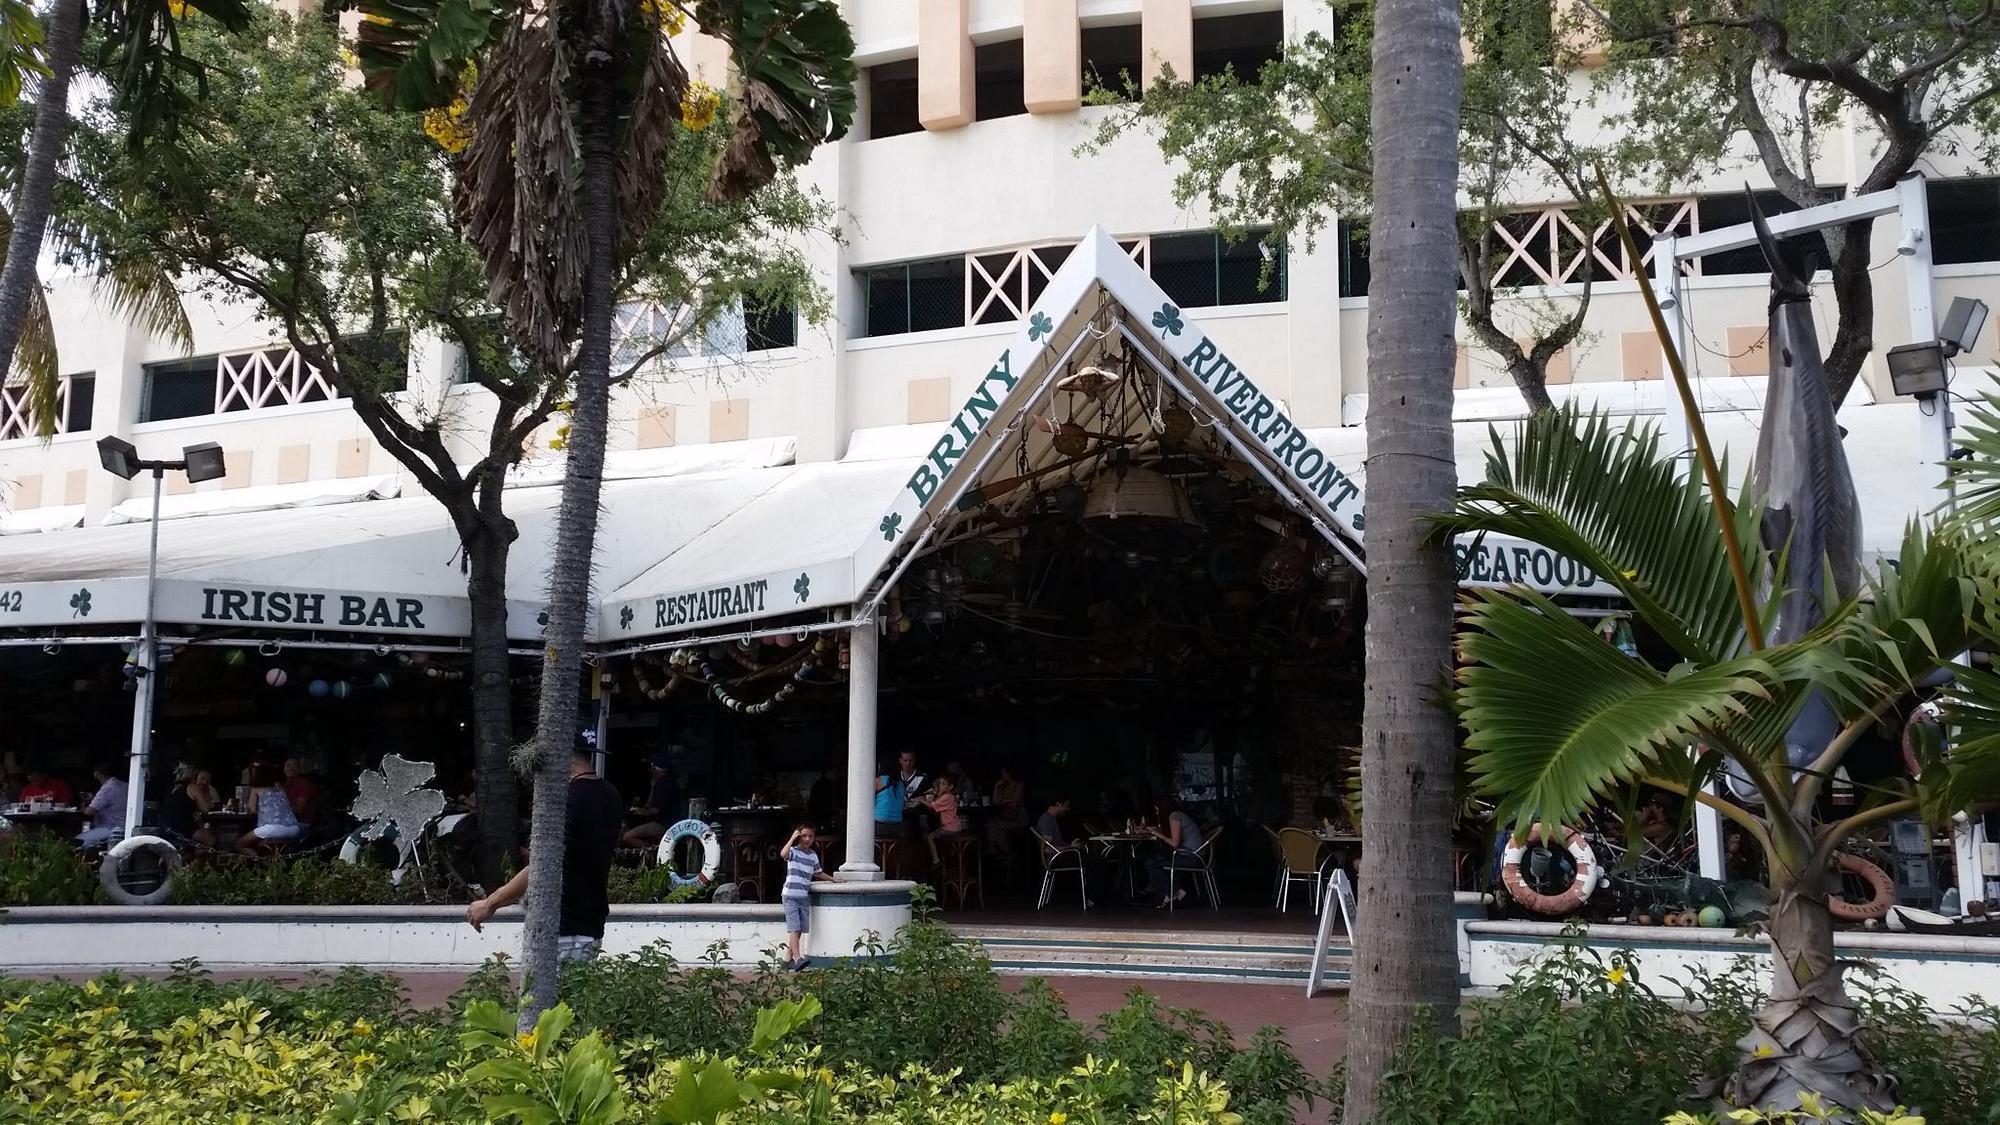 Briny Irish Pub Shuts Down On Fort Lauderdale Riverfront Sun Sentinel